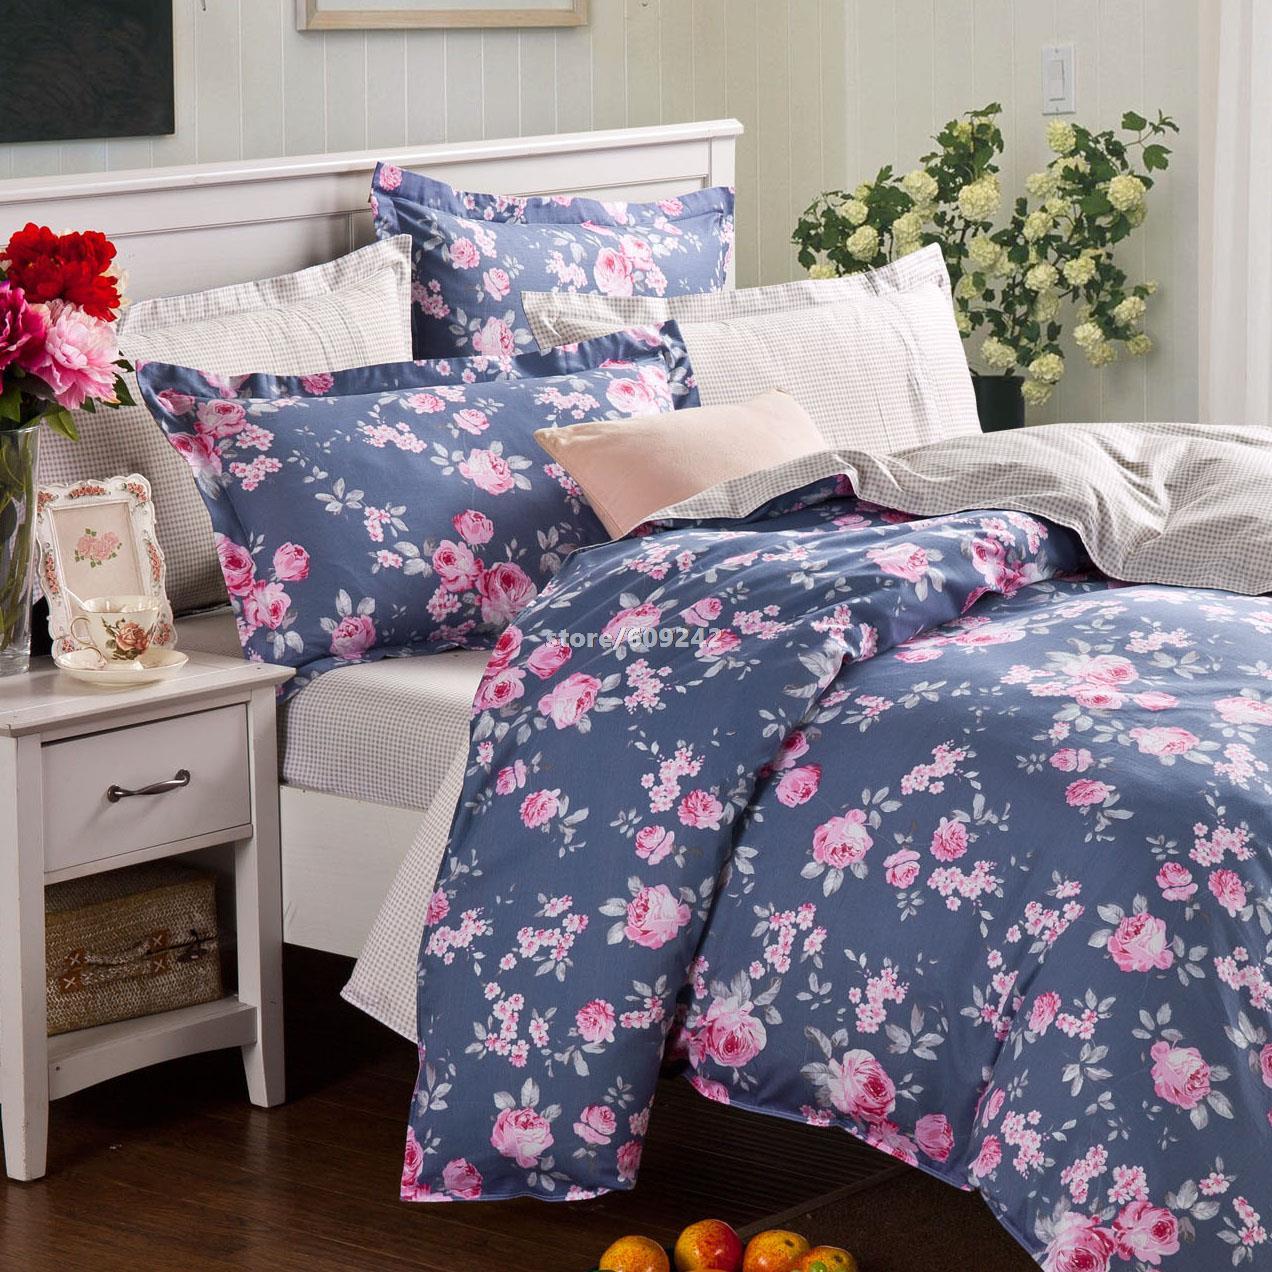 100% algodão impressão reativa jogo de cama de luxo no azul profundo / 4 peça um set / sets tampa do duvet / folha de cama set / roupa de cama / #45(China (Mainland))